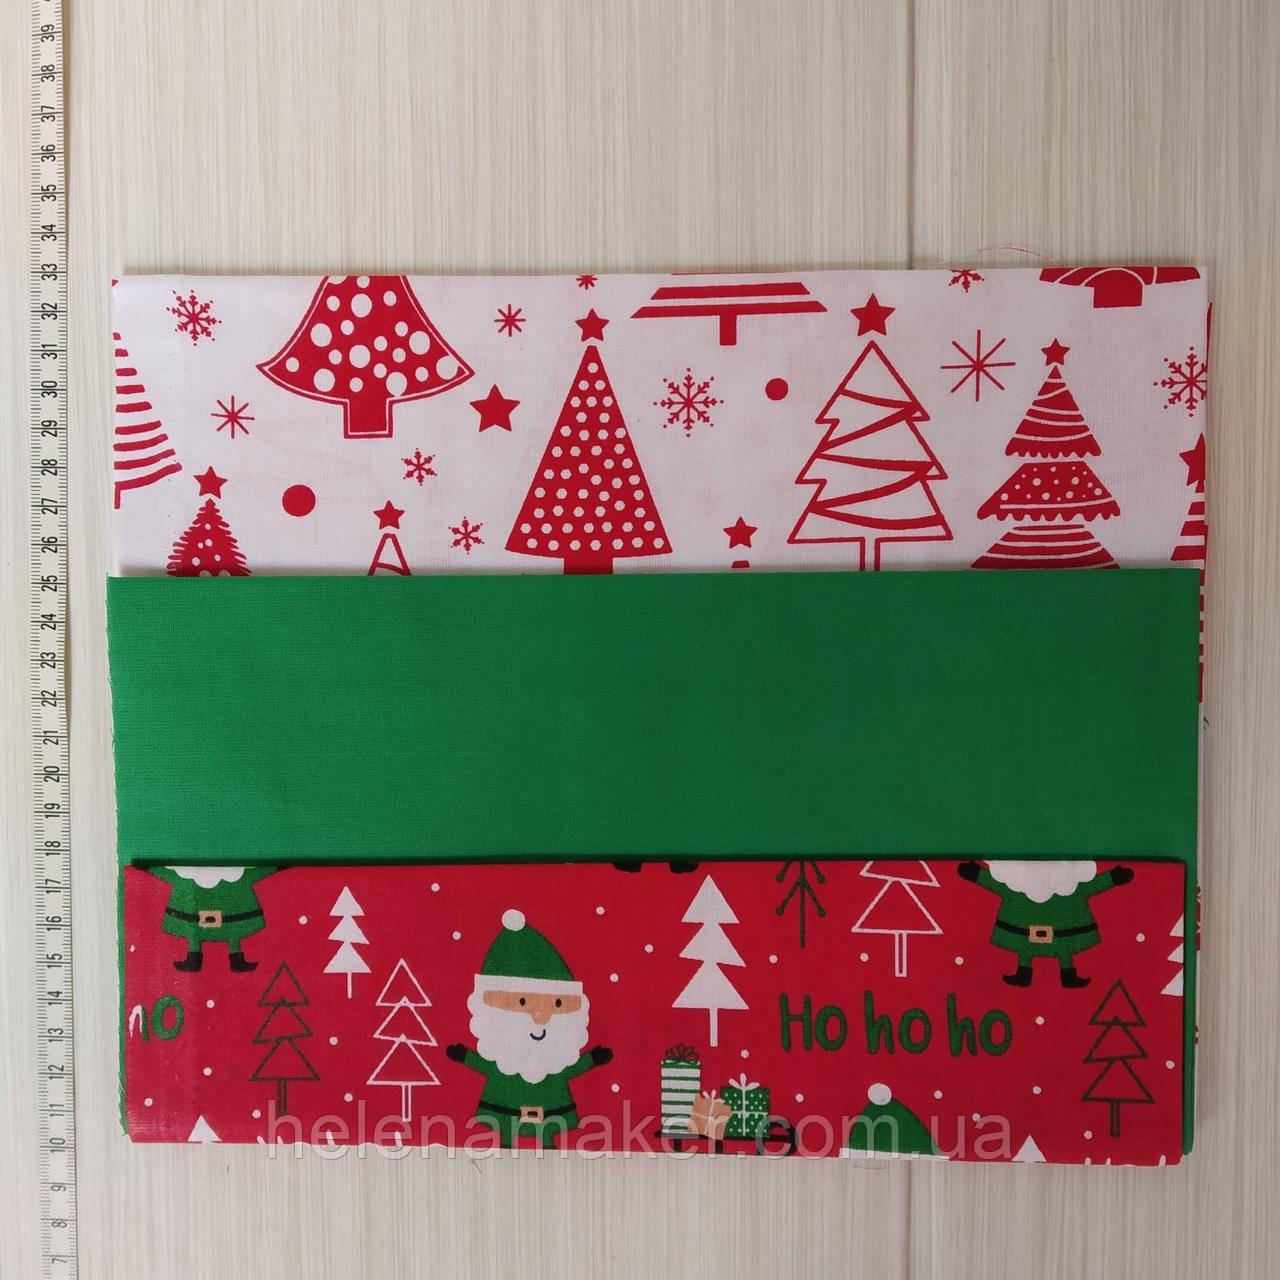 Набор новогодней ткани в красном и зеленом цвете Санта и Елочки. 3 отреза  50*50 см + ПОДАРОК-СЮРПРИЗ!!!